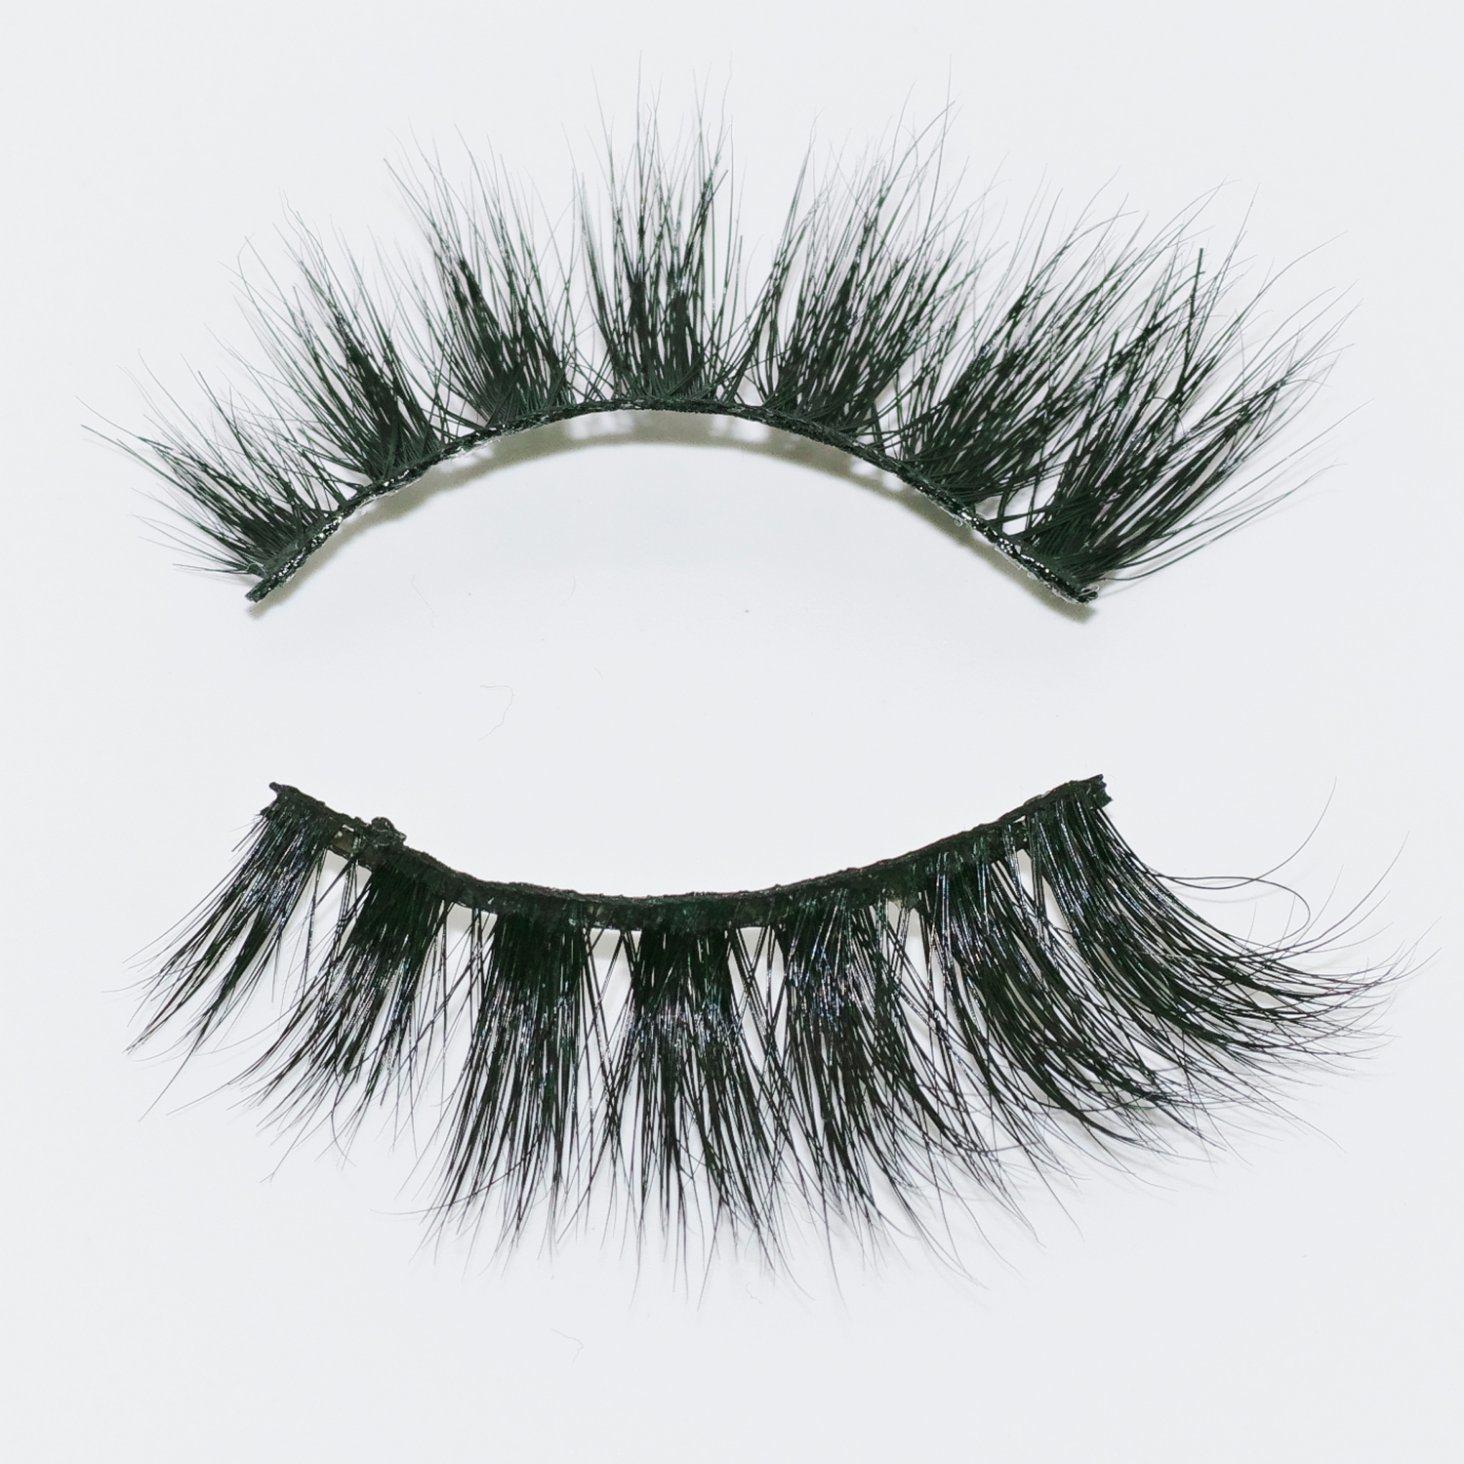 e1c456fab39 China Wholesale Eyelashes 3D Individual 100% Mink Hair Lashes - China  Eyelashes Strip, Eyelash Extension